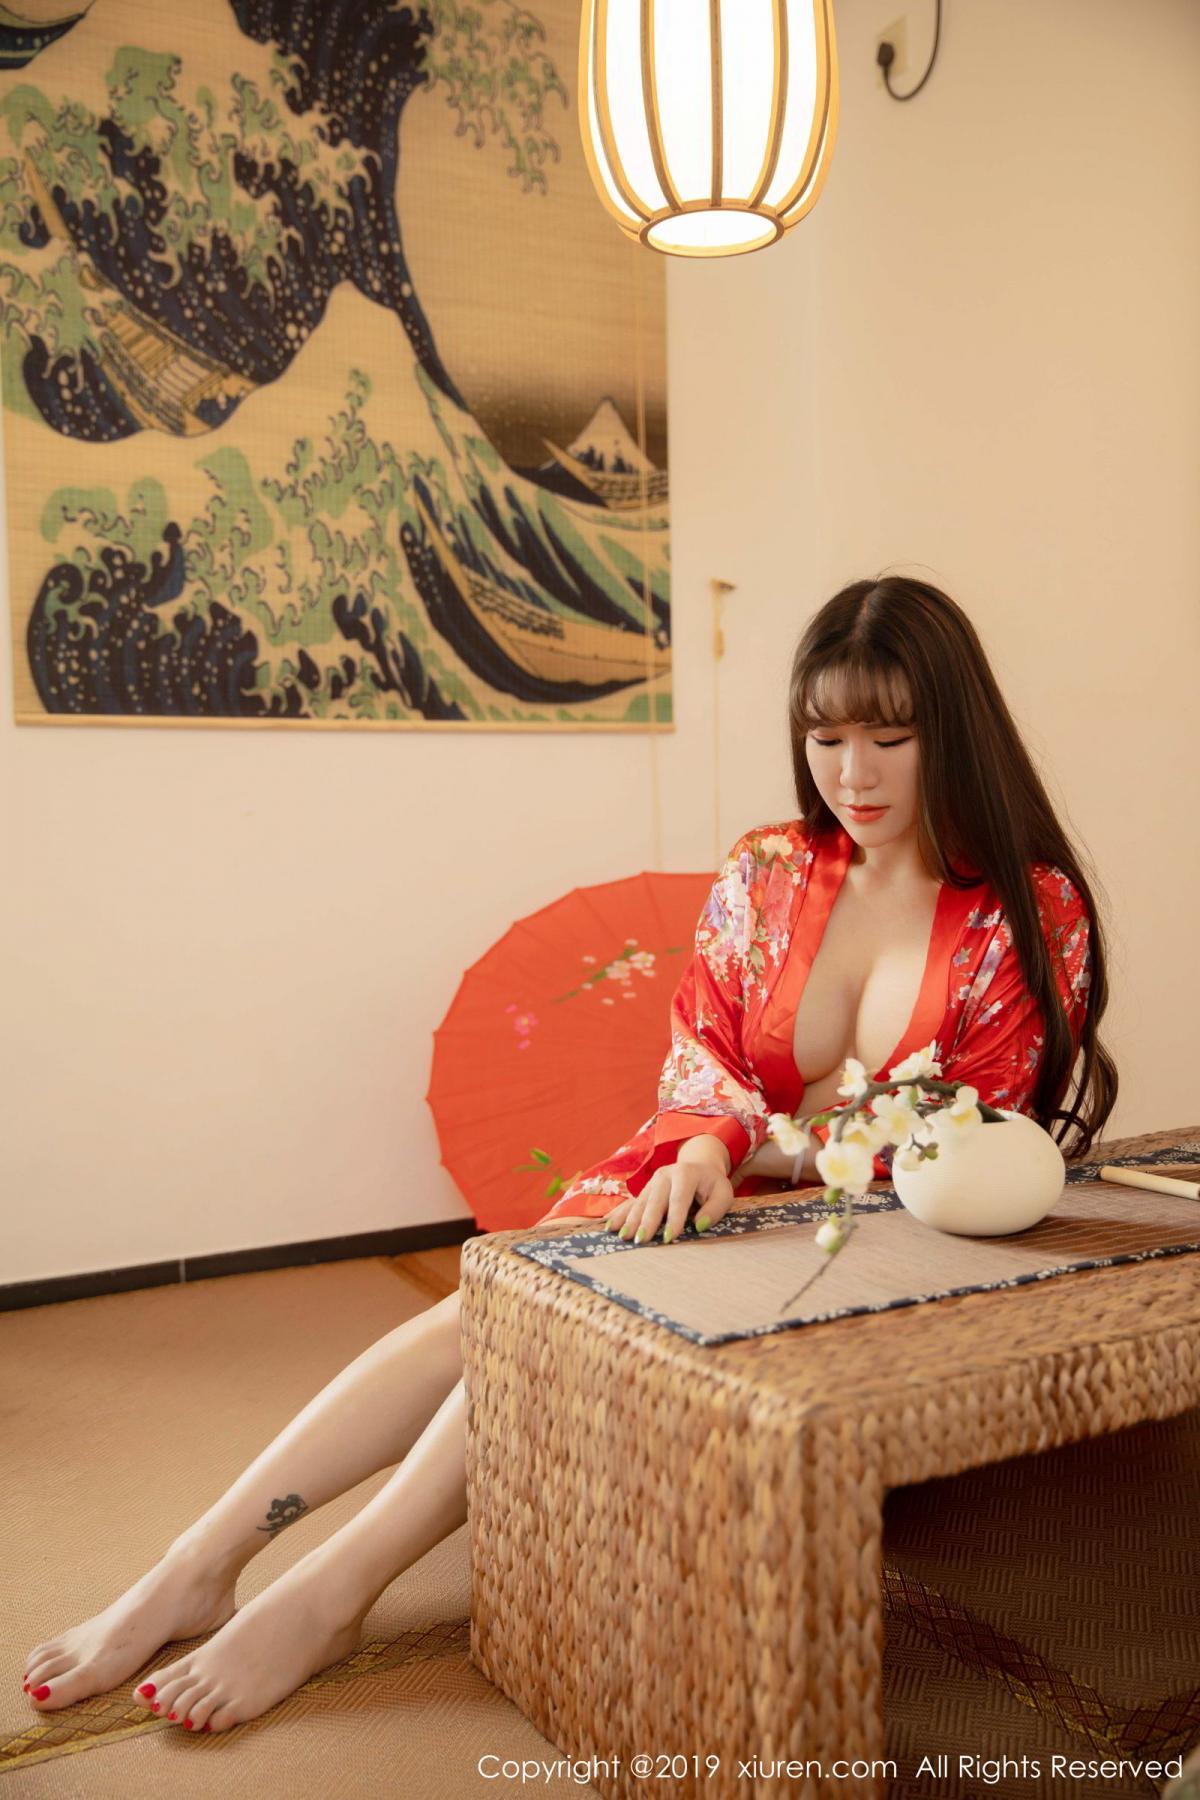 [XiuRen] Vol.1647 Wang Zi Lin 1P, Adult, Kimono, Mature, Wang Zi Lin, Xiuren